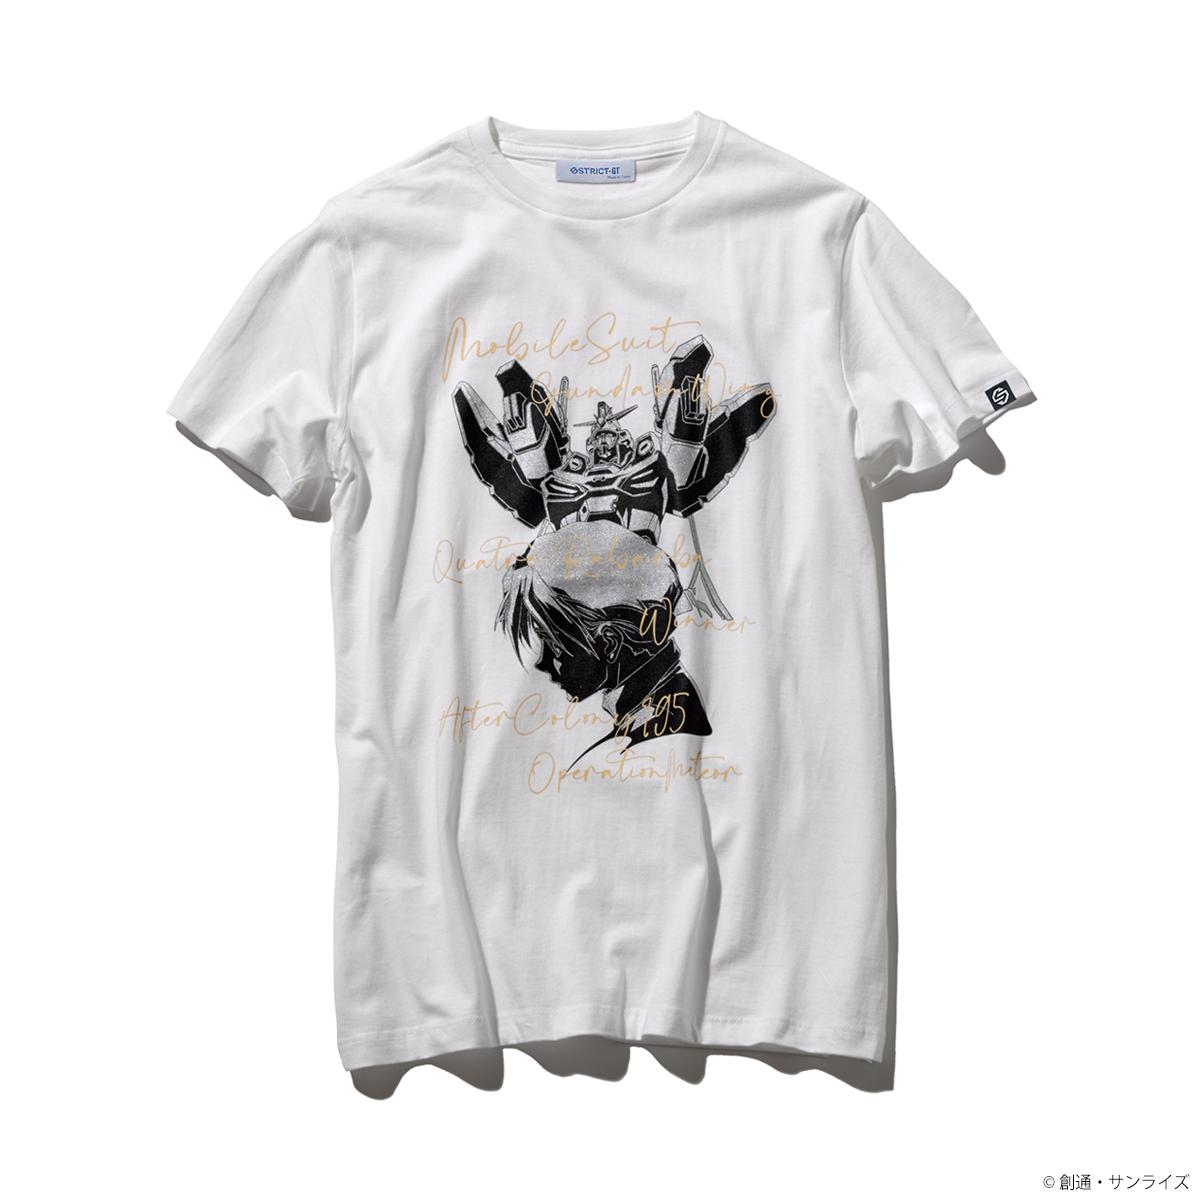 STRICT-G 『新機動戦記ガンダムW』 Tシャツ カトル・ラバーバ・ウィナー